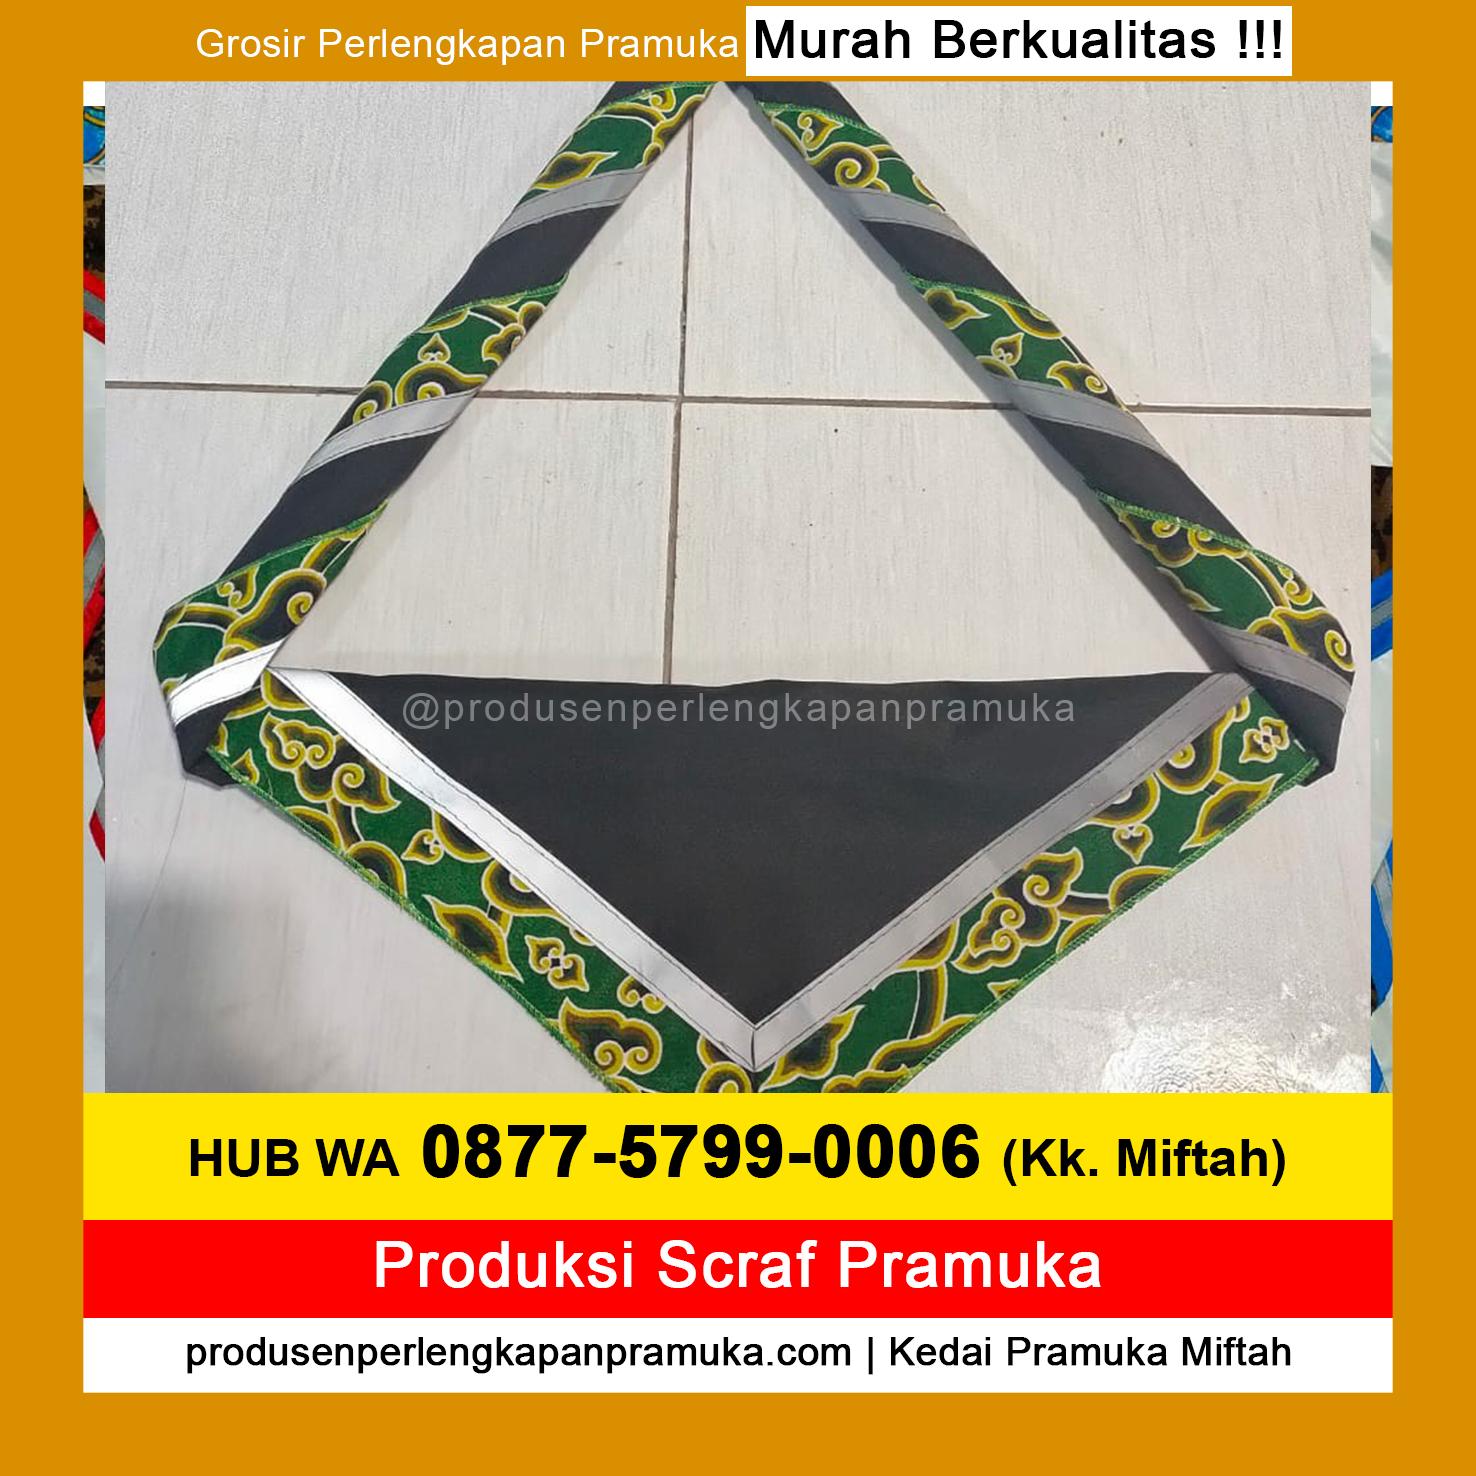 WA 0877-5799-0006 Produsen Jual Produksi Grosir Scarf Pramuka Menyala, Scarf Pramuka Polos